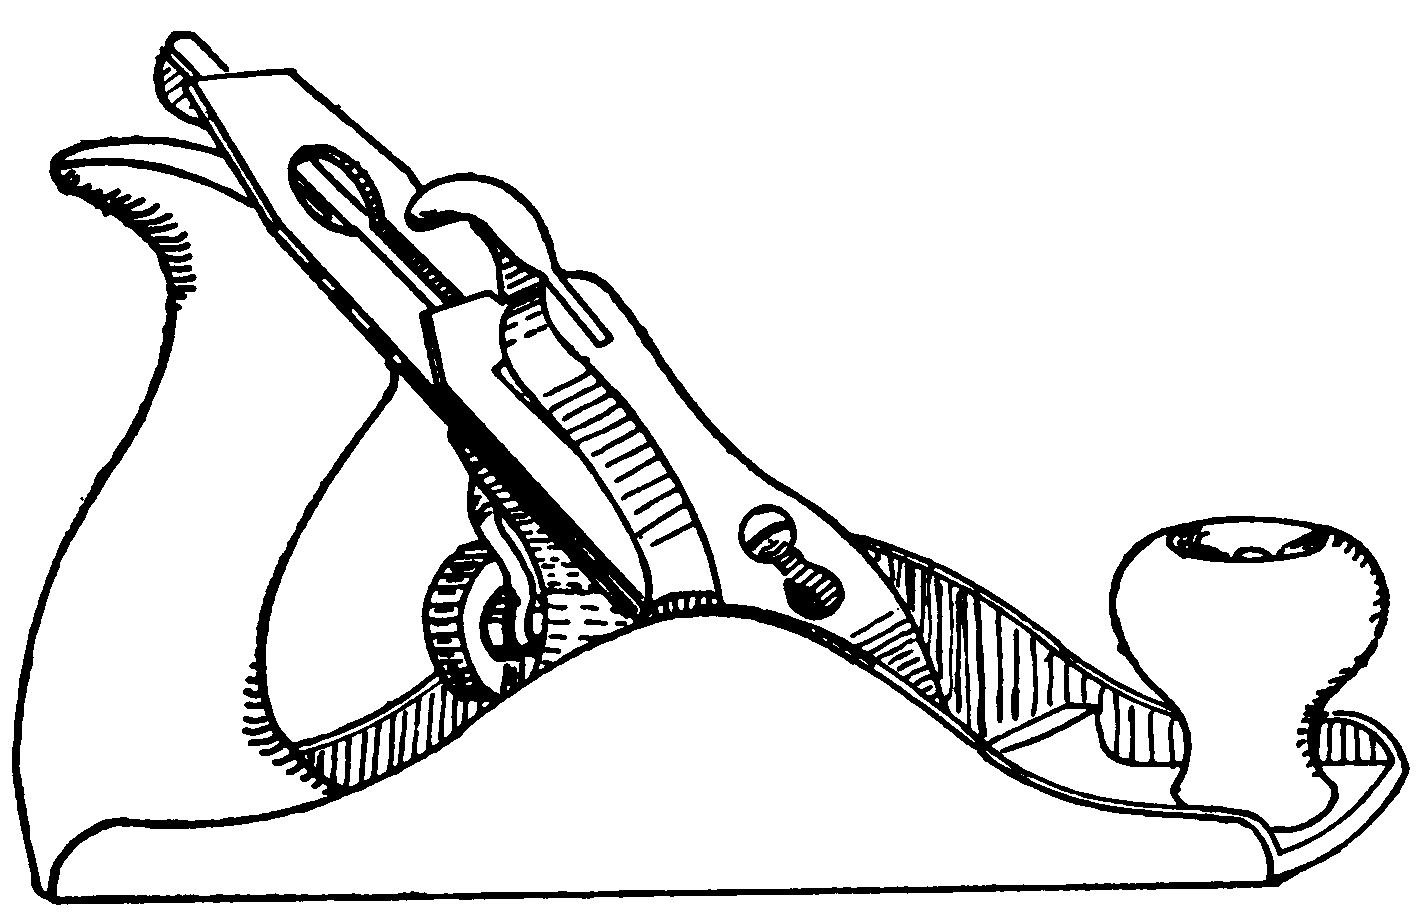 File:Smoothing plane drawing.png.